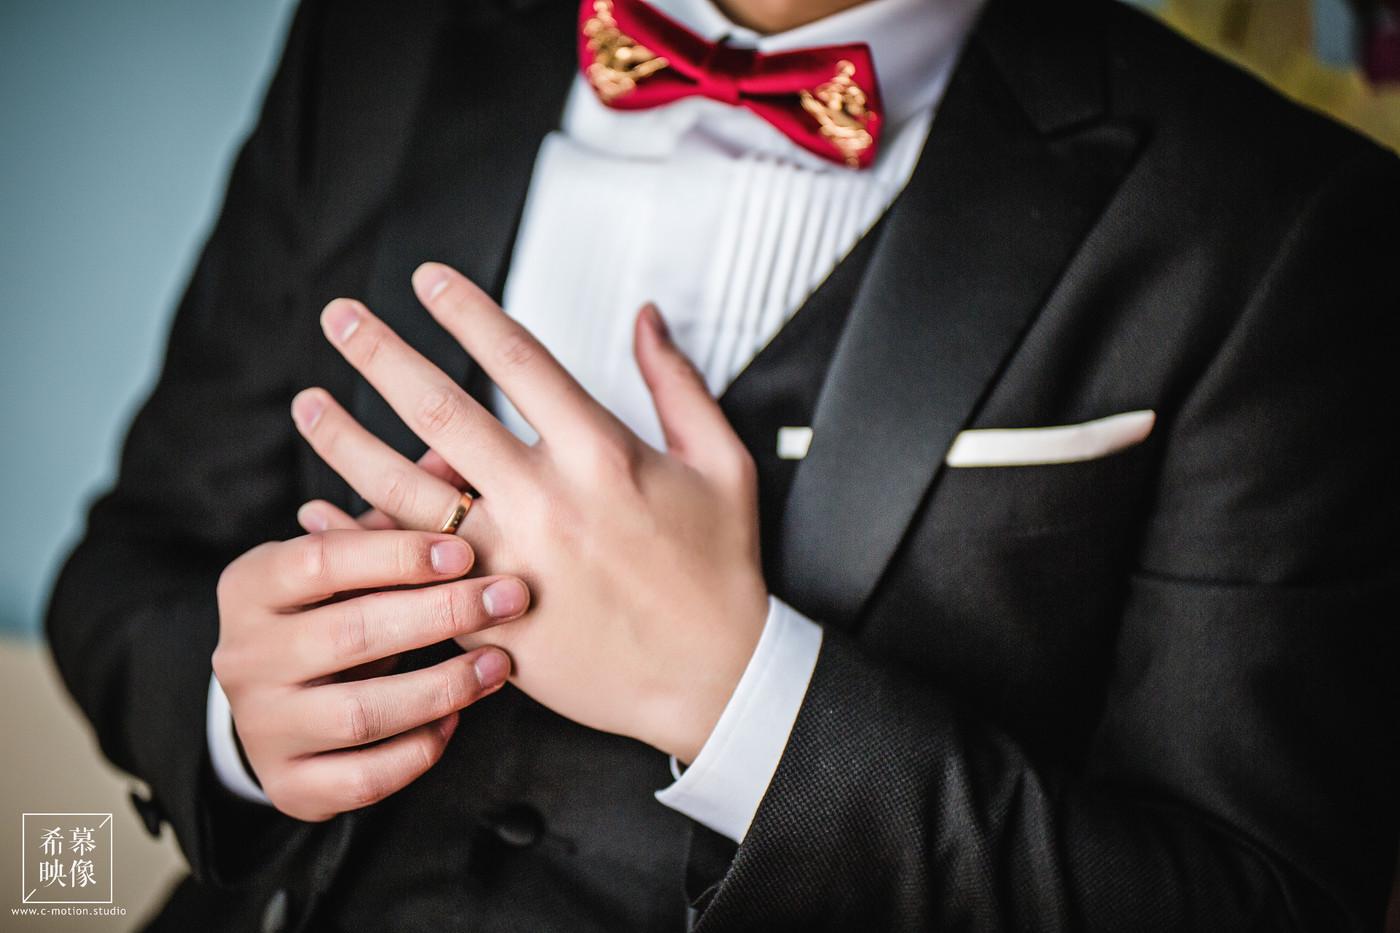 Rui&HY's Wedding7